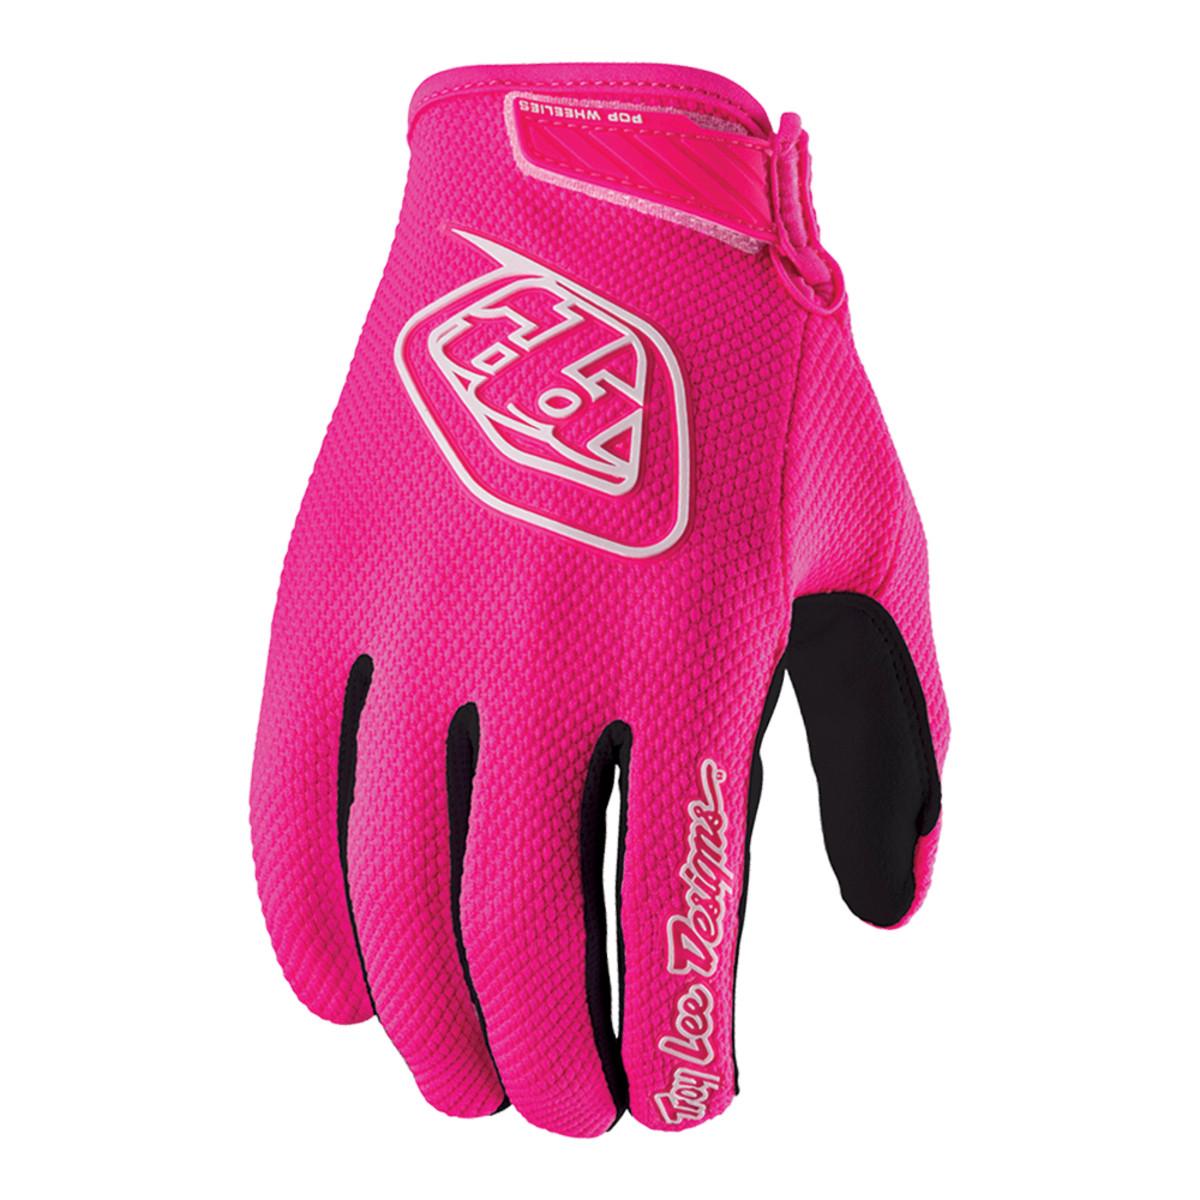 Перчатки Troy Lee Designs Air Glove, розовые